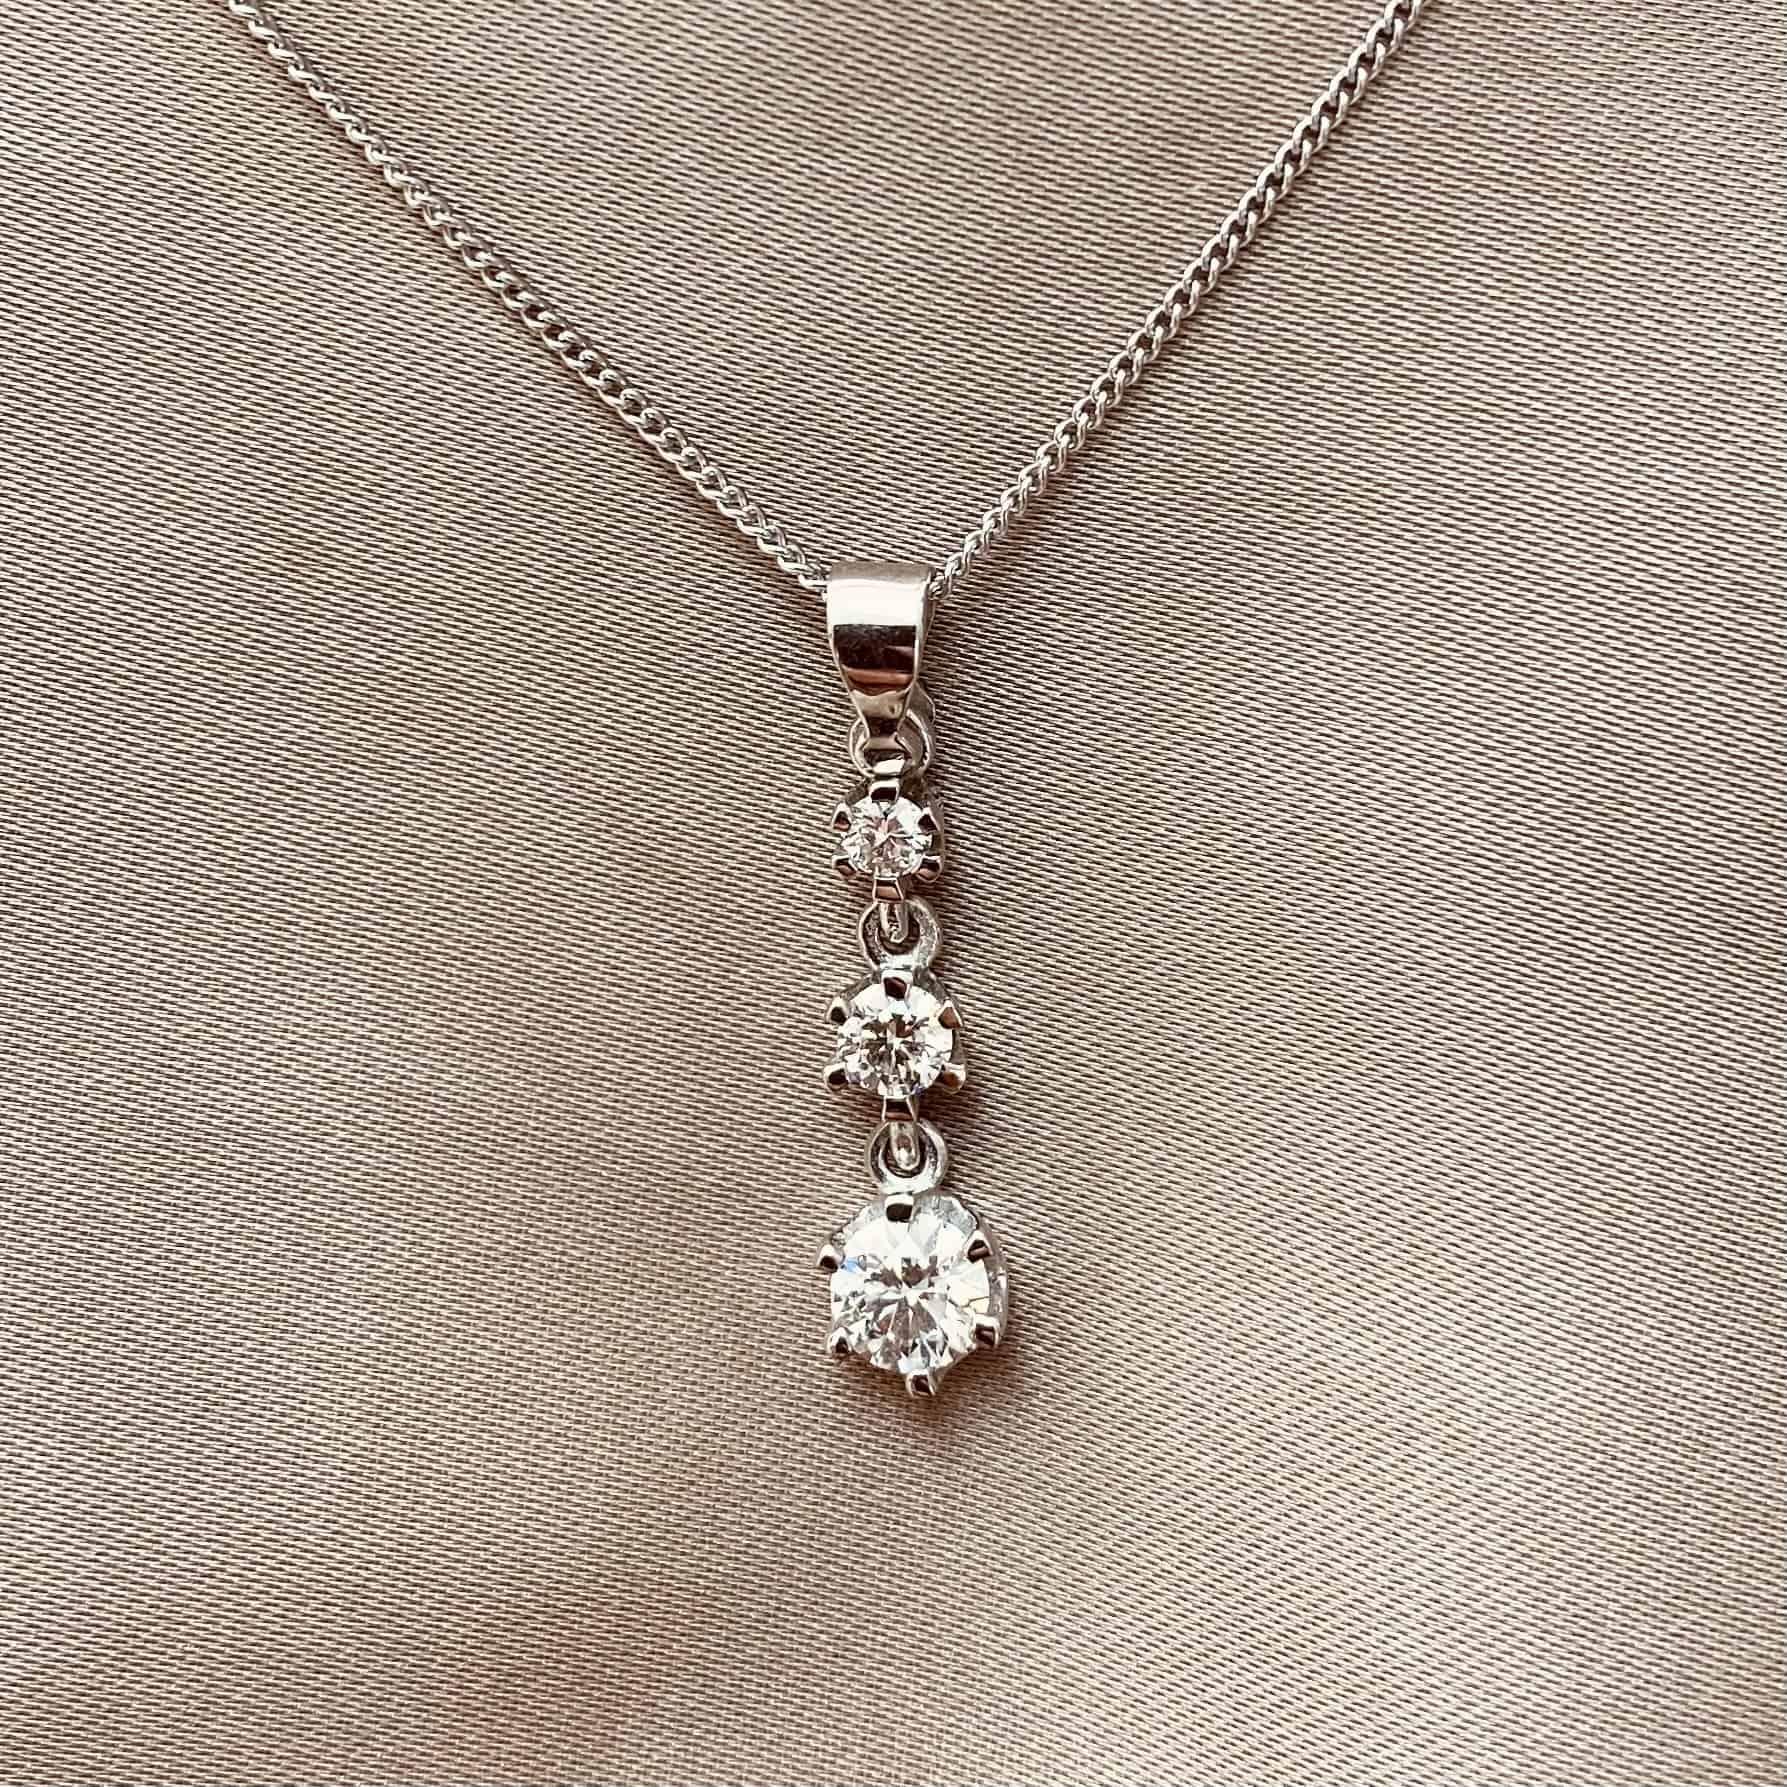 תליון זהב 14k משובץ 3 יהלומים (טרי-סטון)